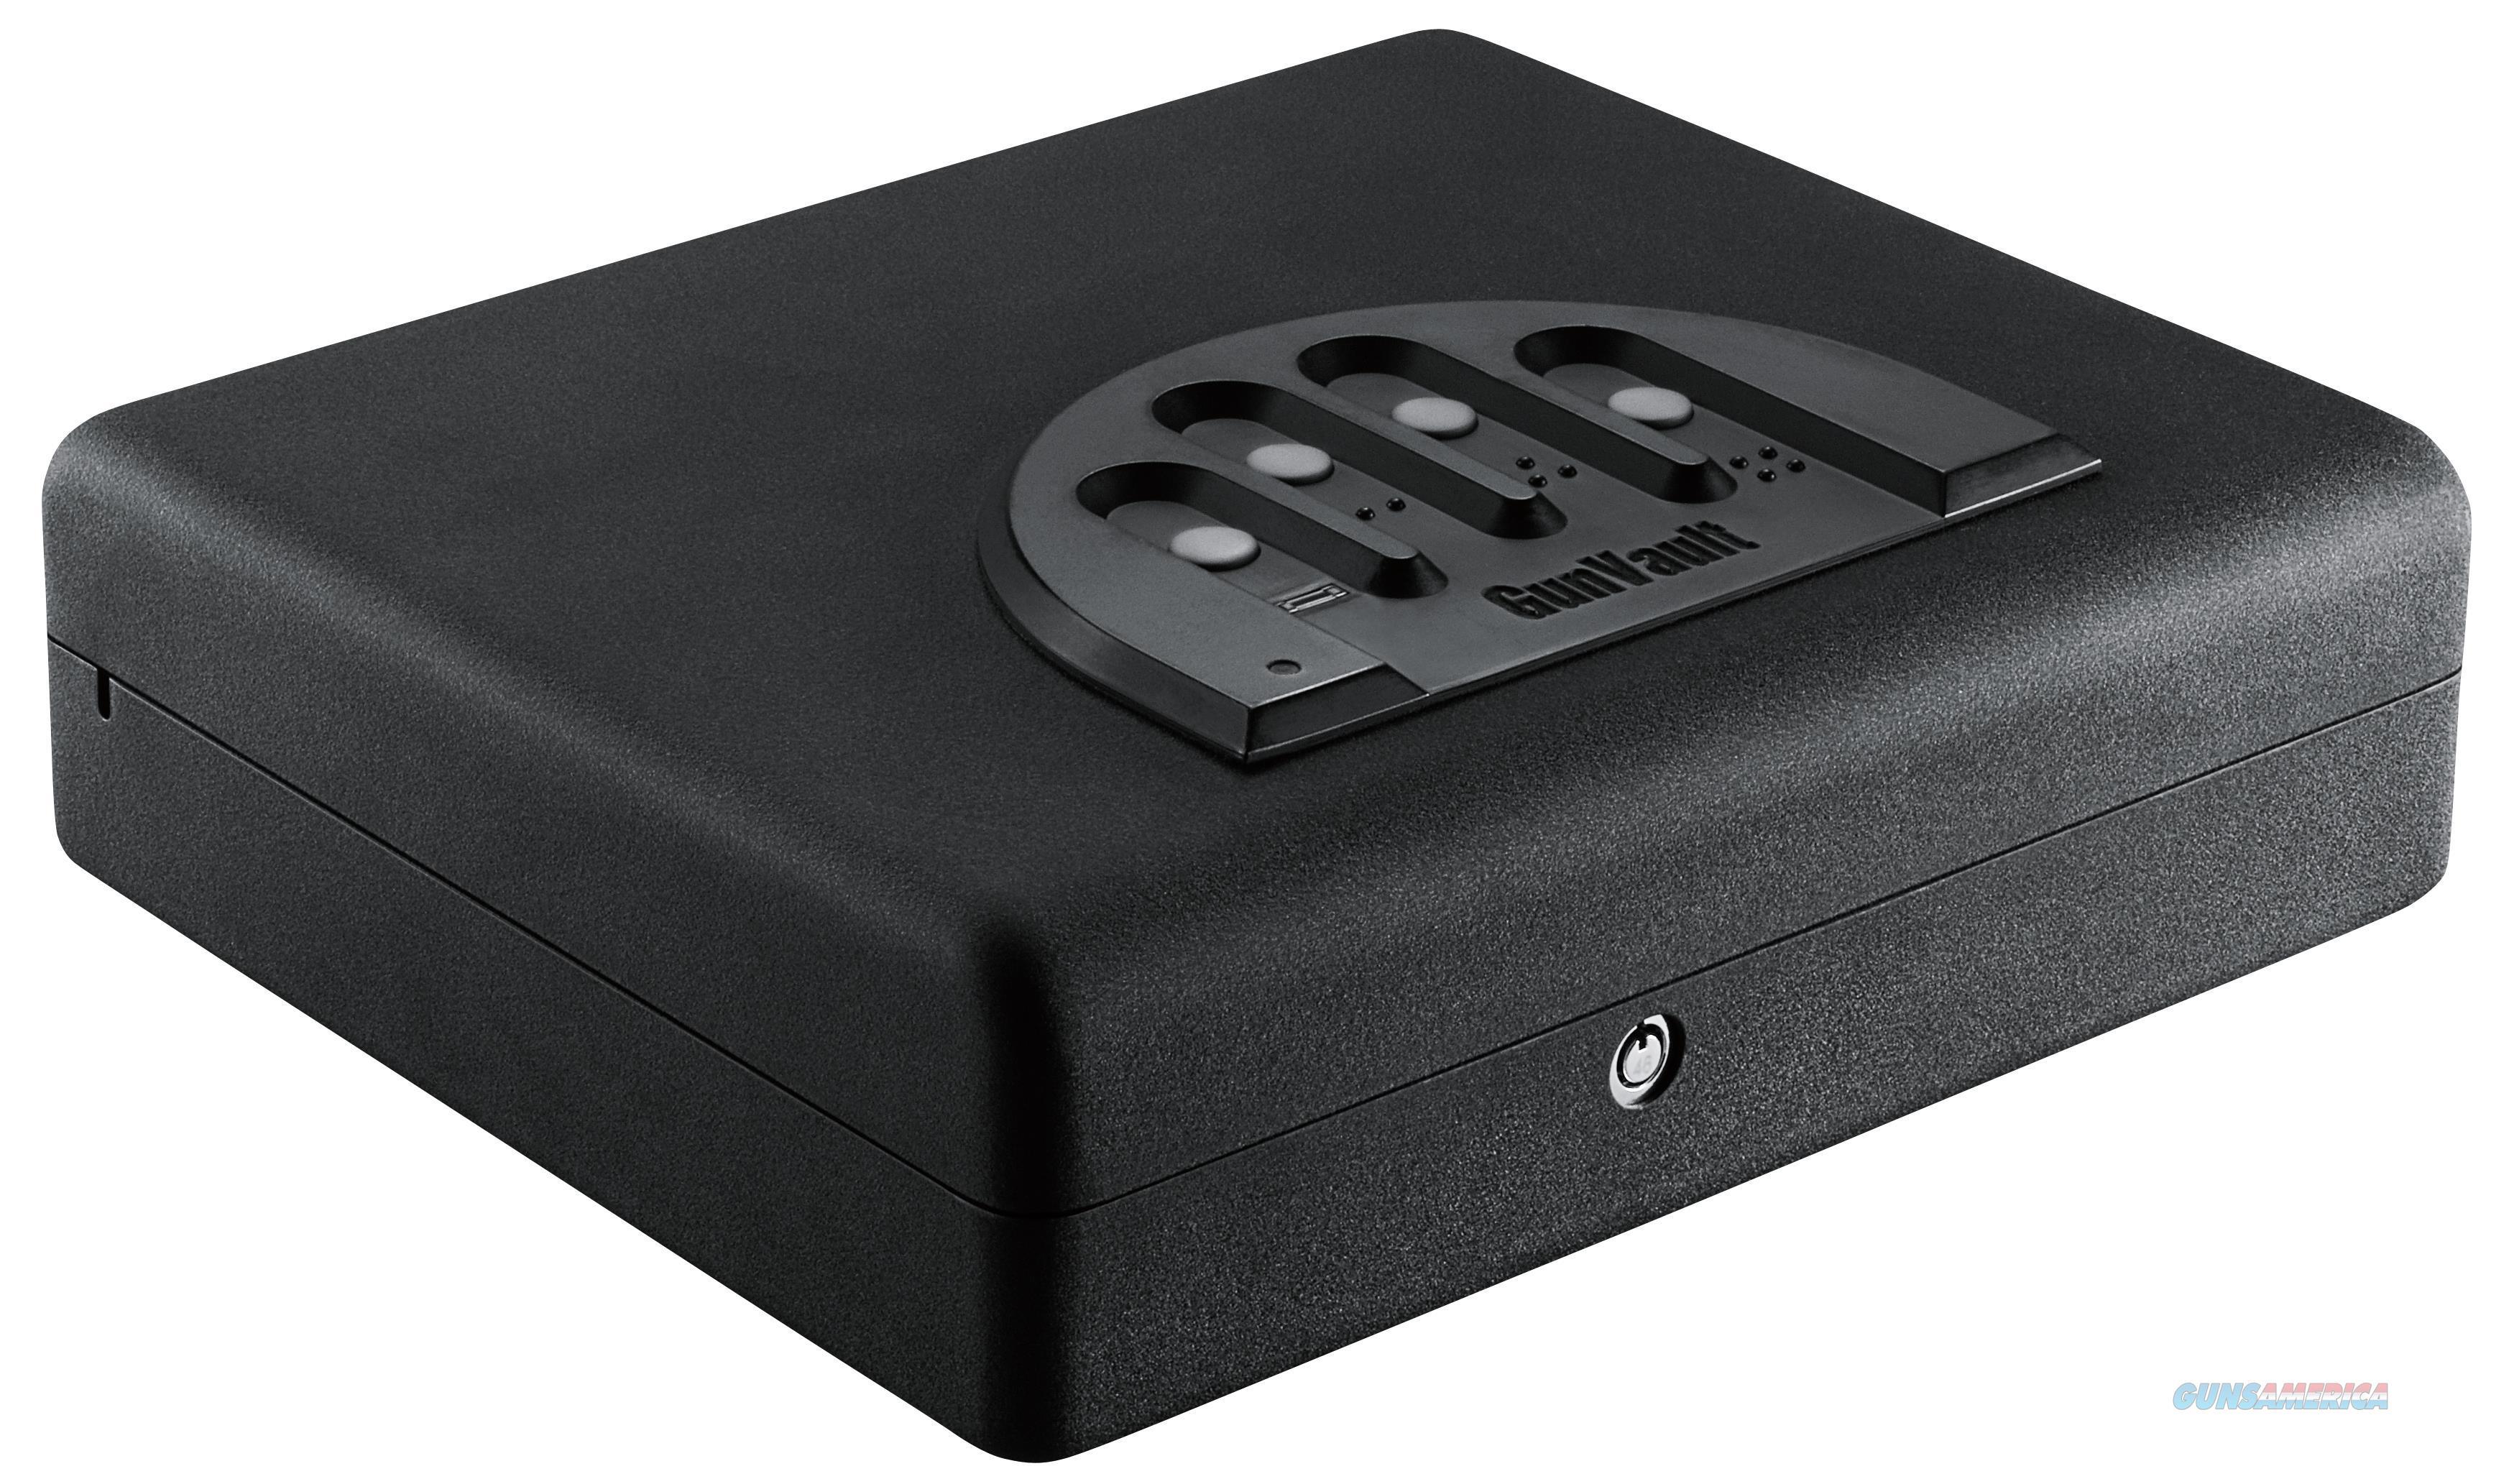 """Gunvault Mvb1000 Microvault Xl Biometric Pistol Safe Fingerprint Id 12"""" W X 10.25"""" D X 3.5"""" H (Exterior) 18 Gauge Steel Black MVB1000  Non-Guns > Gun Safes"""